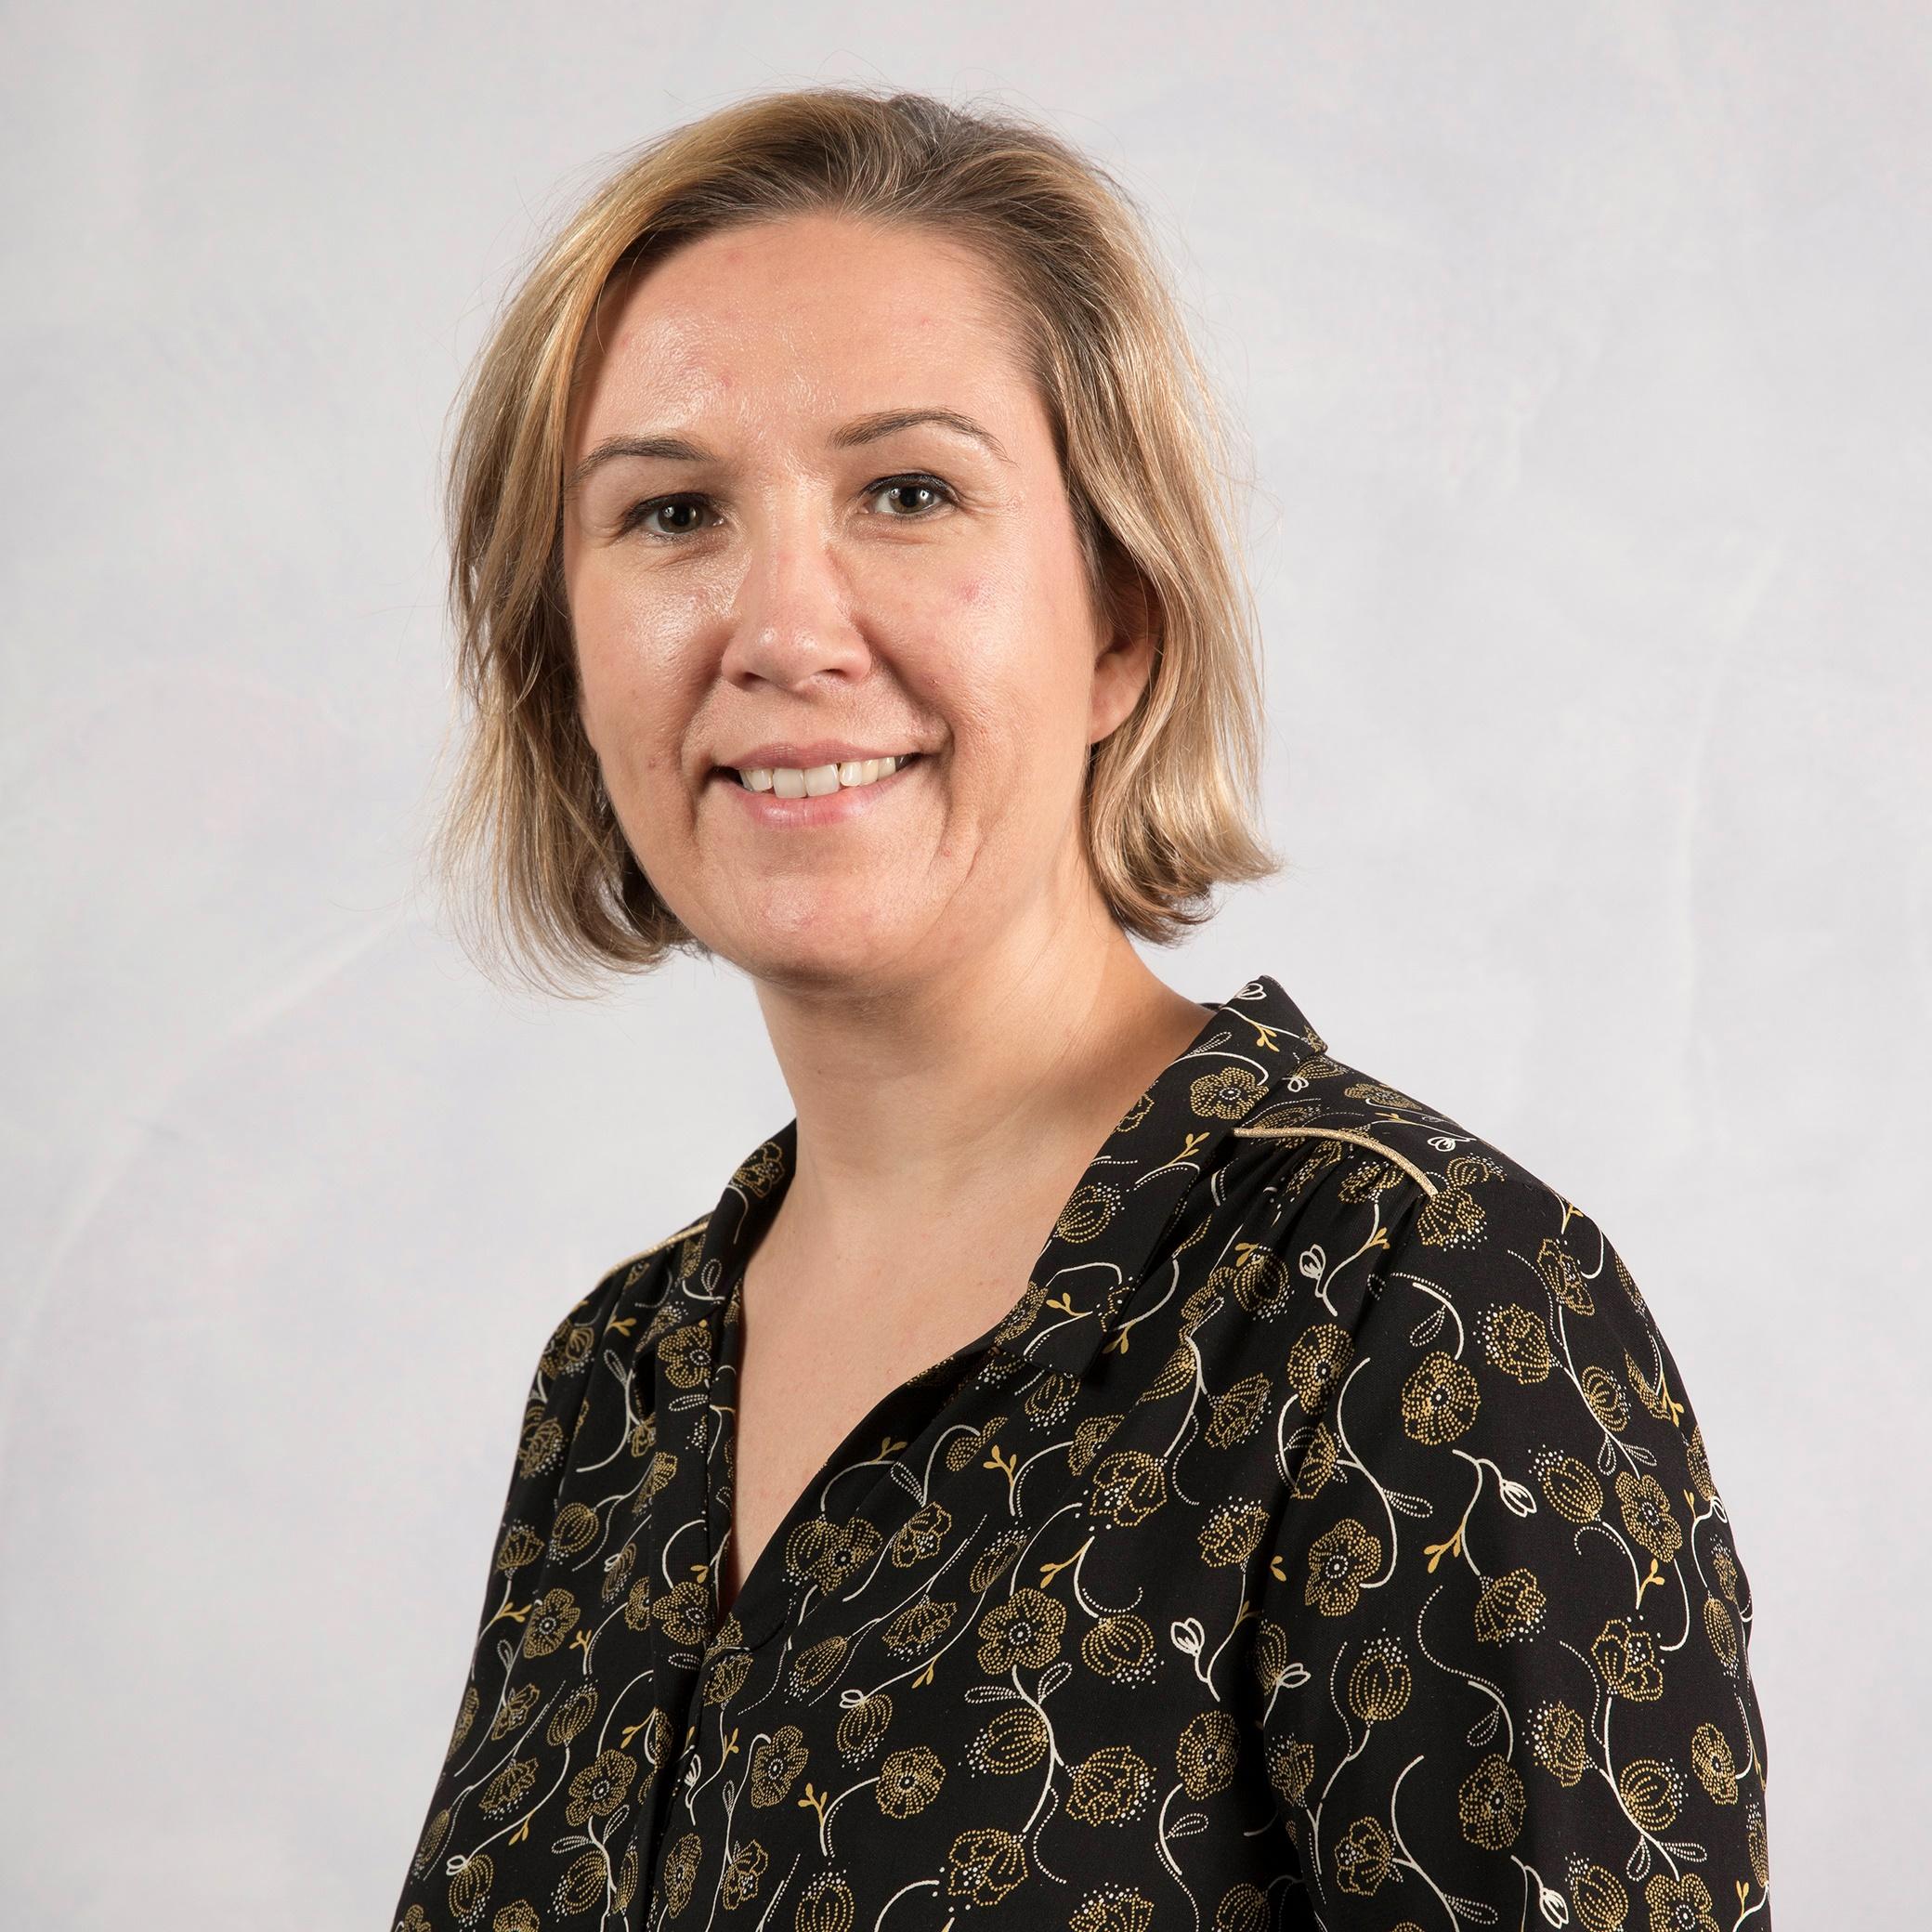 Portrait de Sarah BRIAND - autrice présente au Salon du Livre de Royat-Chamalières 2019